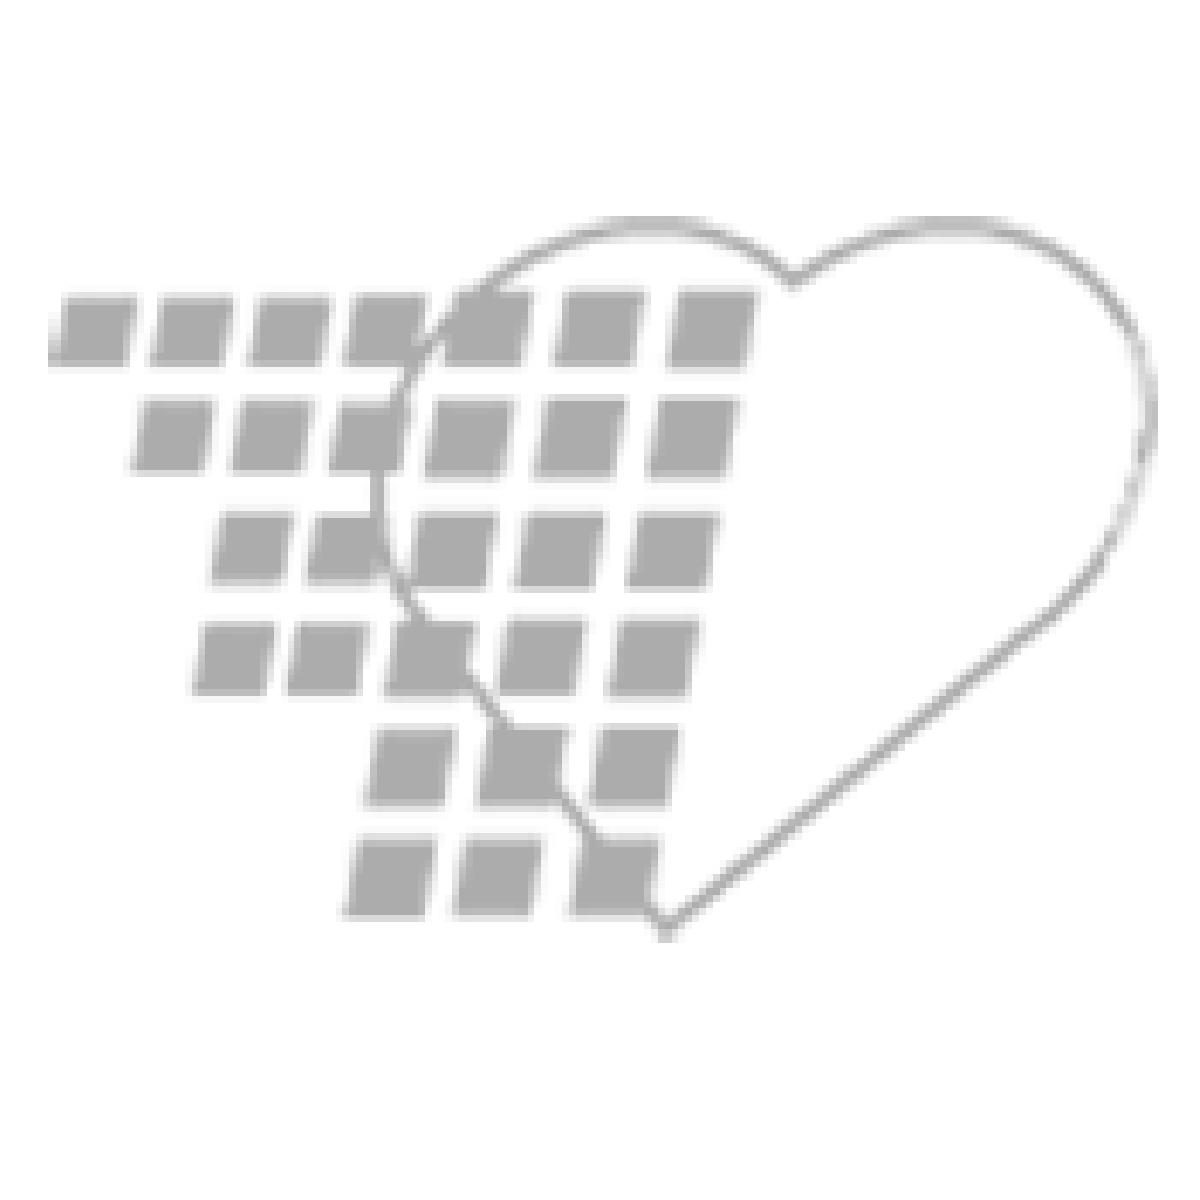 04-76-100 - Pocket Nurse® General Transport Stretcher